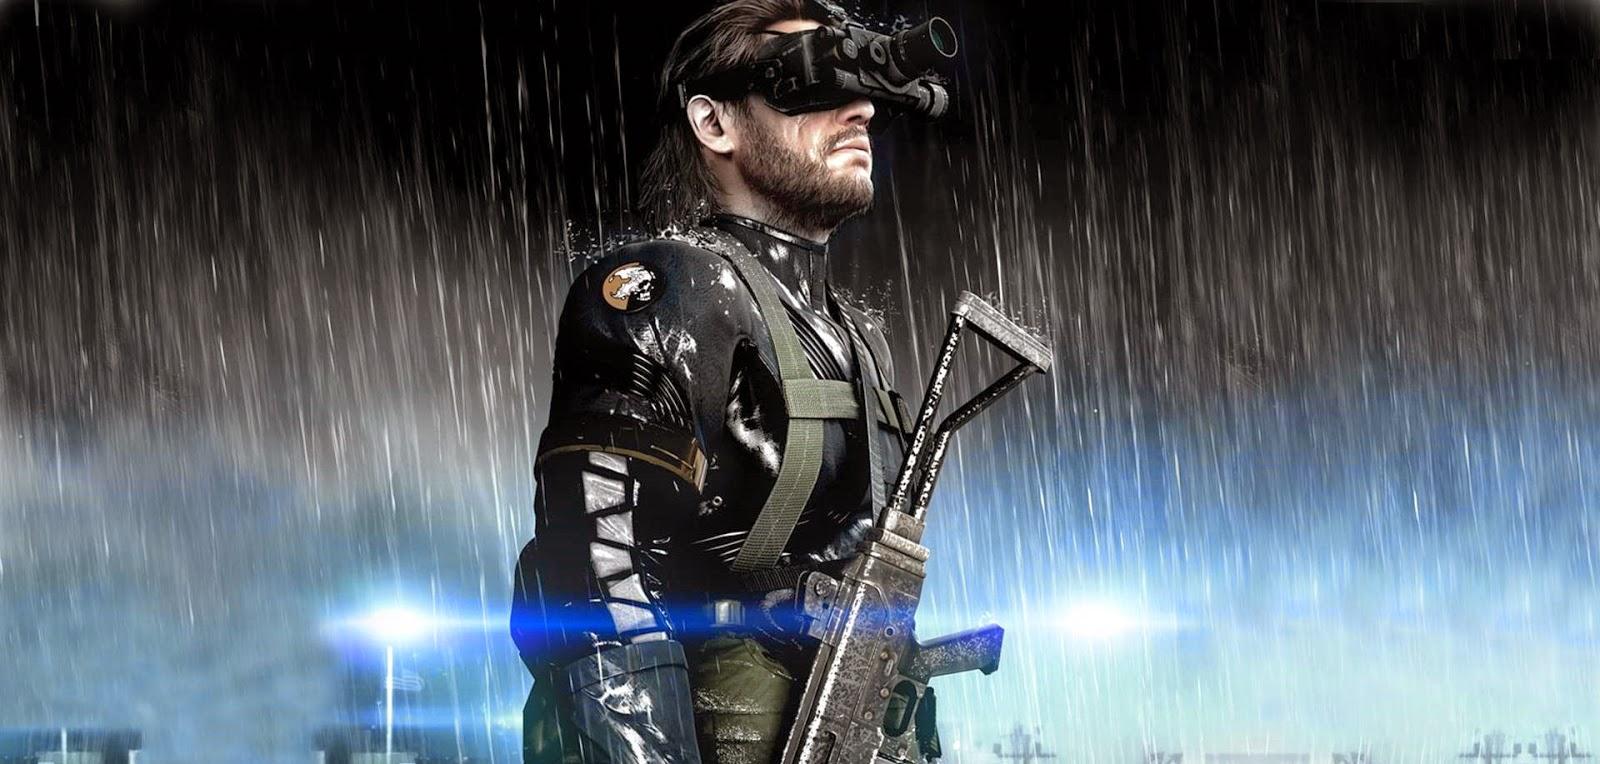 Diretor de comédias independente vai comandar adaptação de Metal Gear Solid